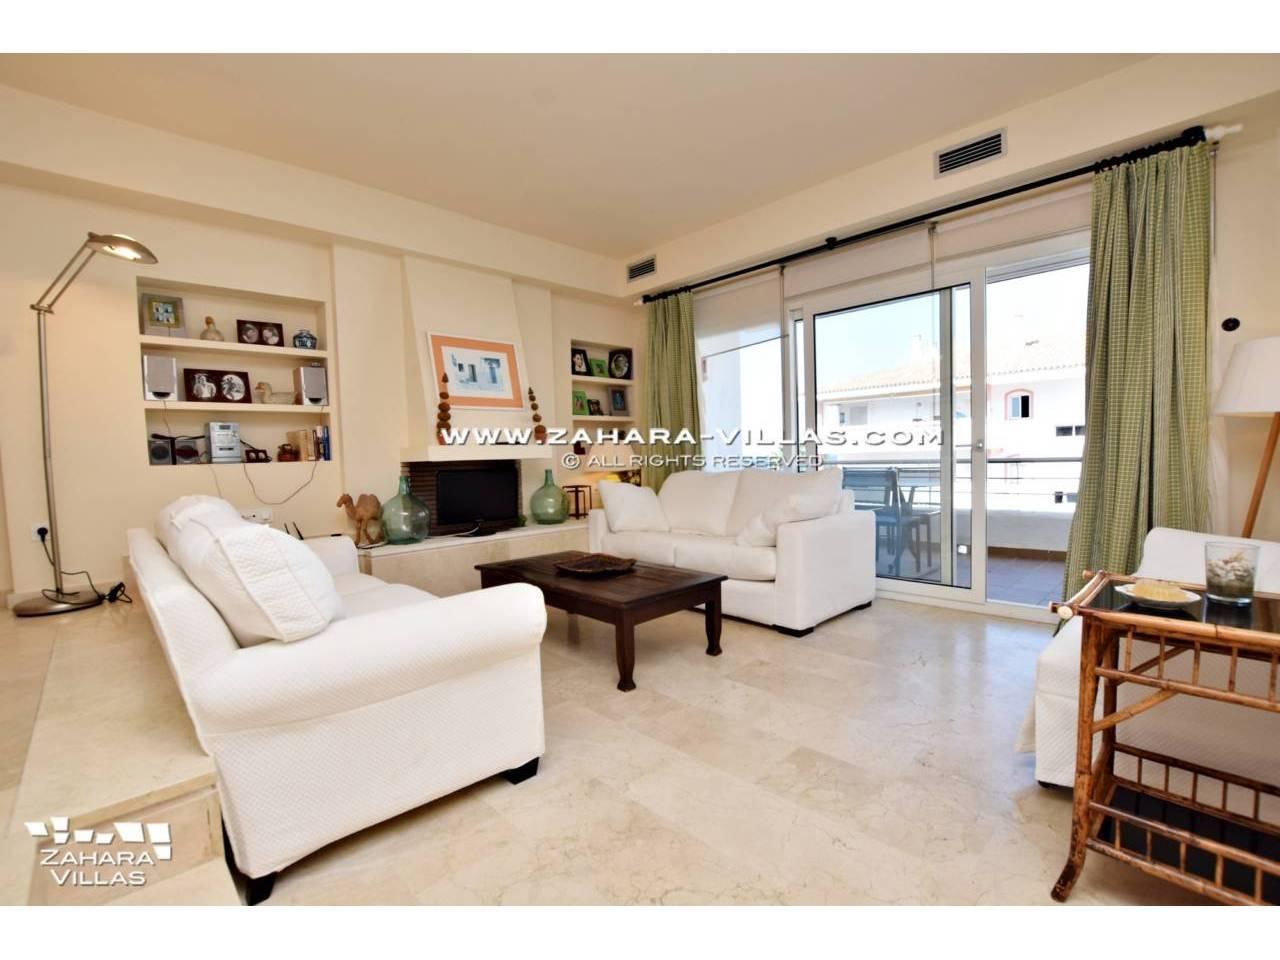 Imagen 5 de Duplex zu verkaufen in Urb. Costa Zahara